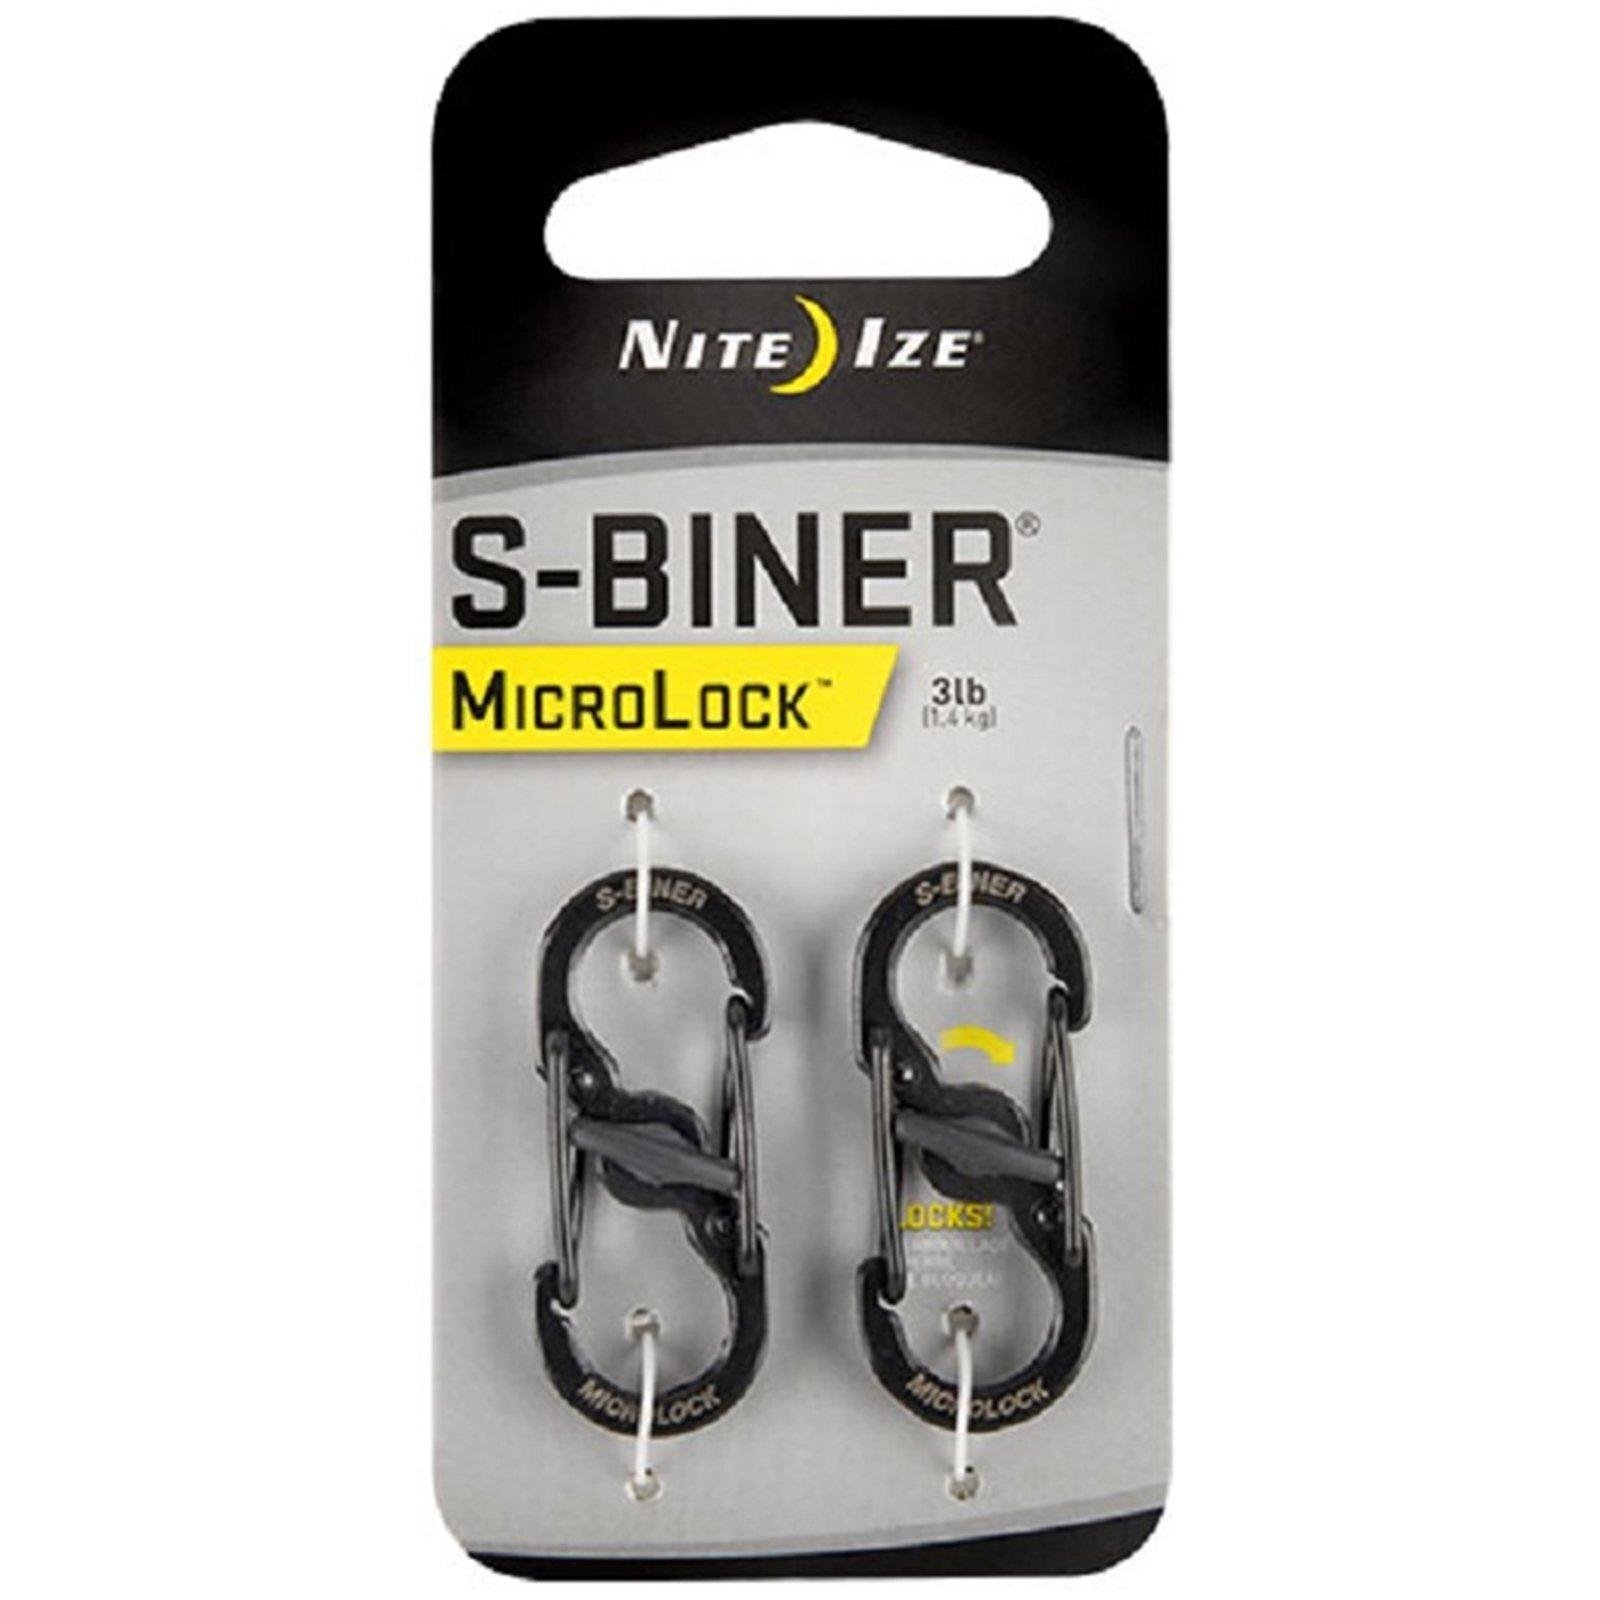 Nite Ize S-Biner MicroLock Black 2pk